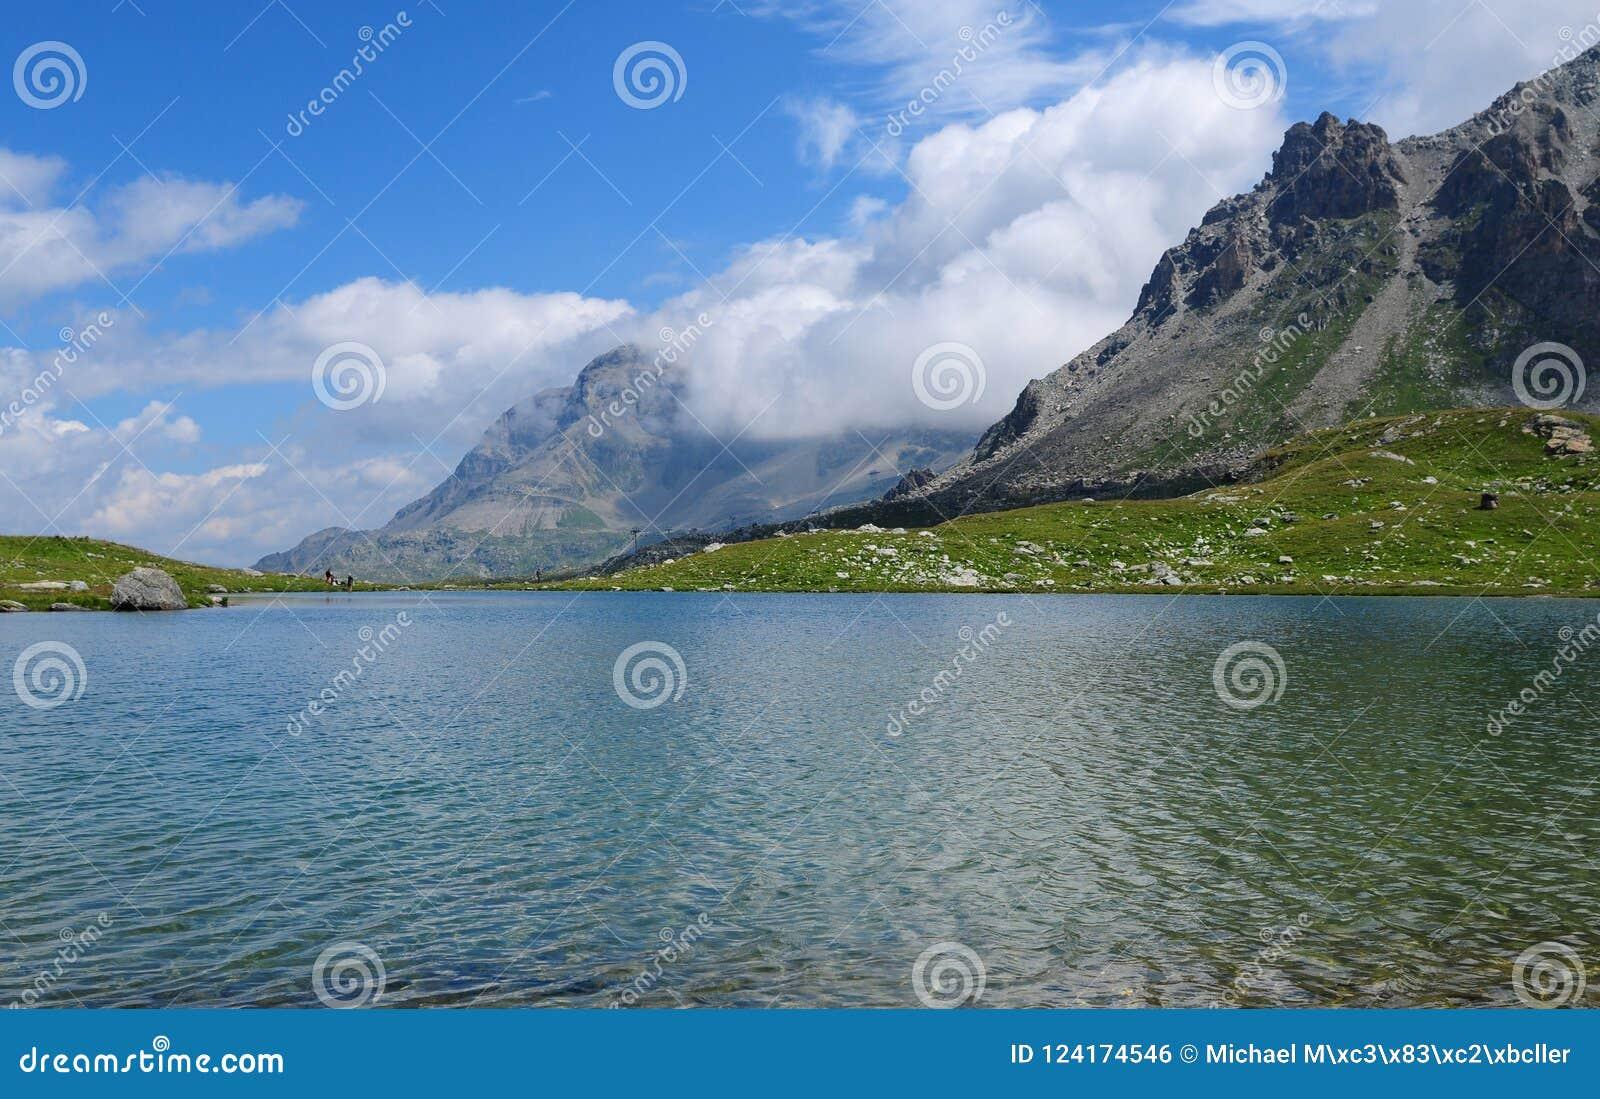 Красивое озеро горы на Furtschella в швейцарских горных вершинах